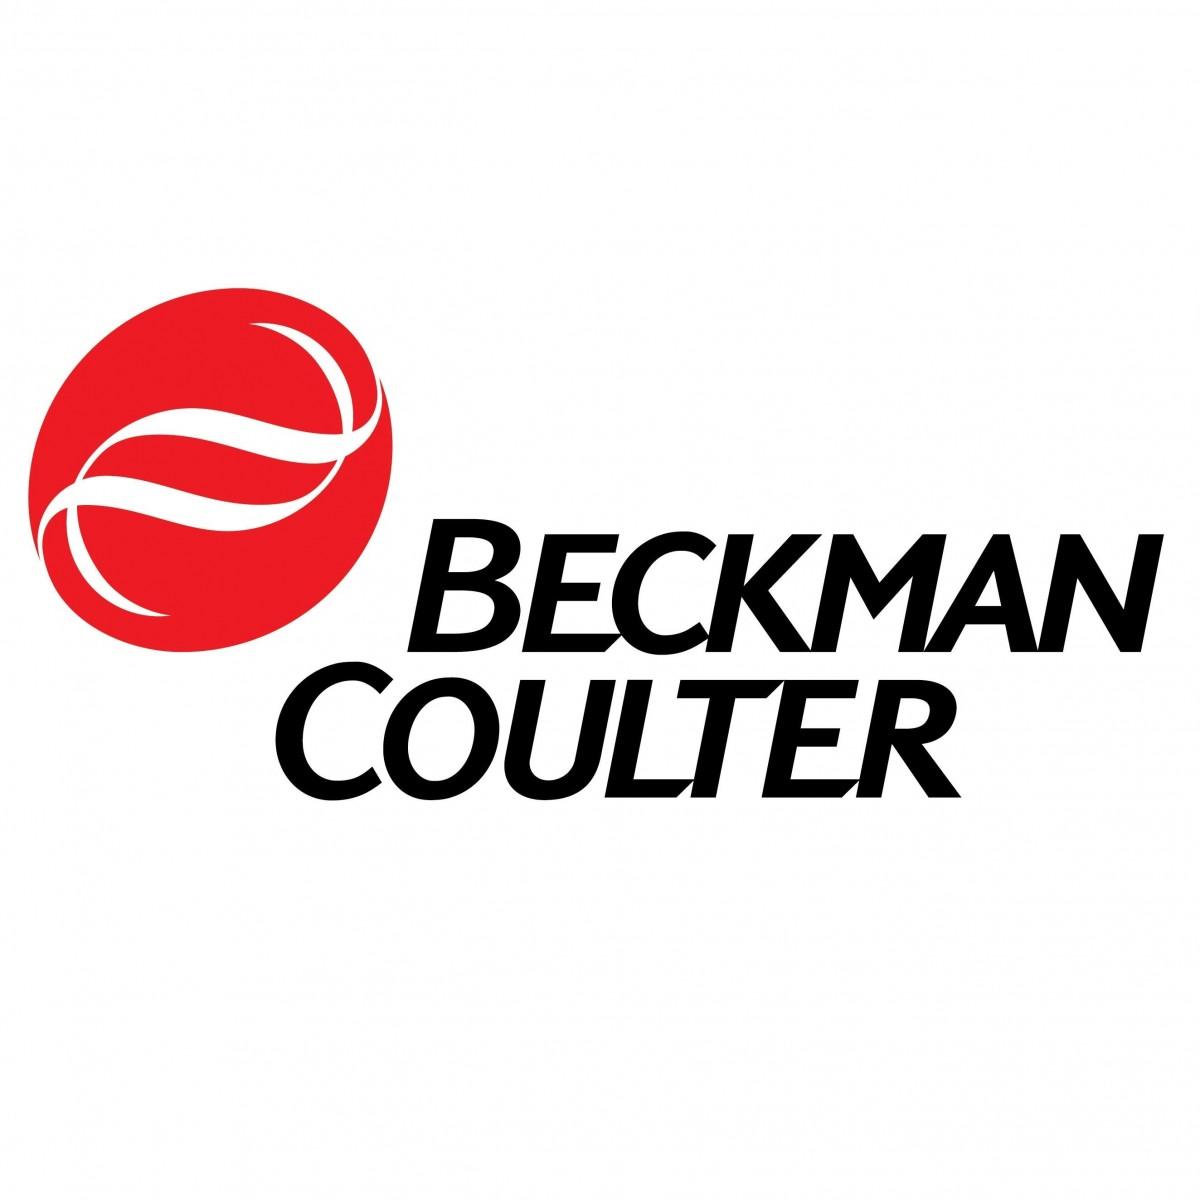 beckmann-coulter